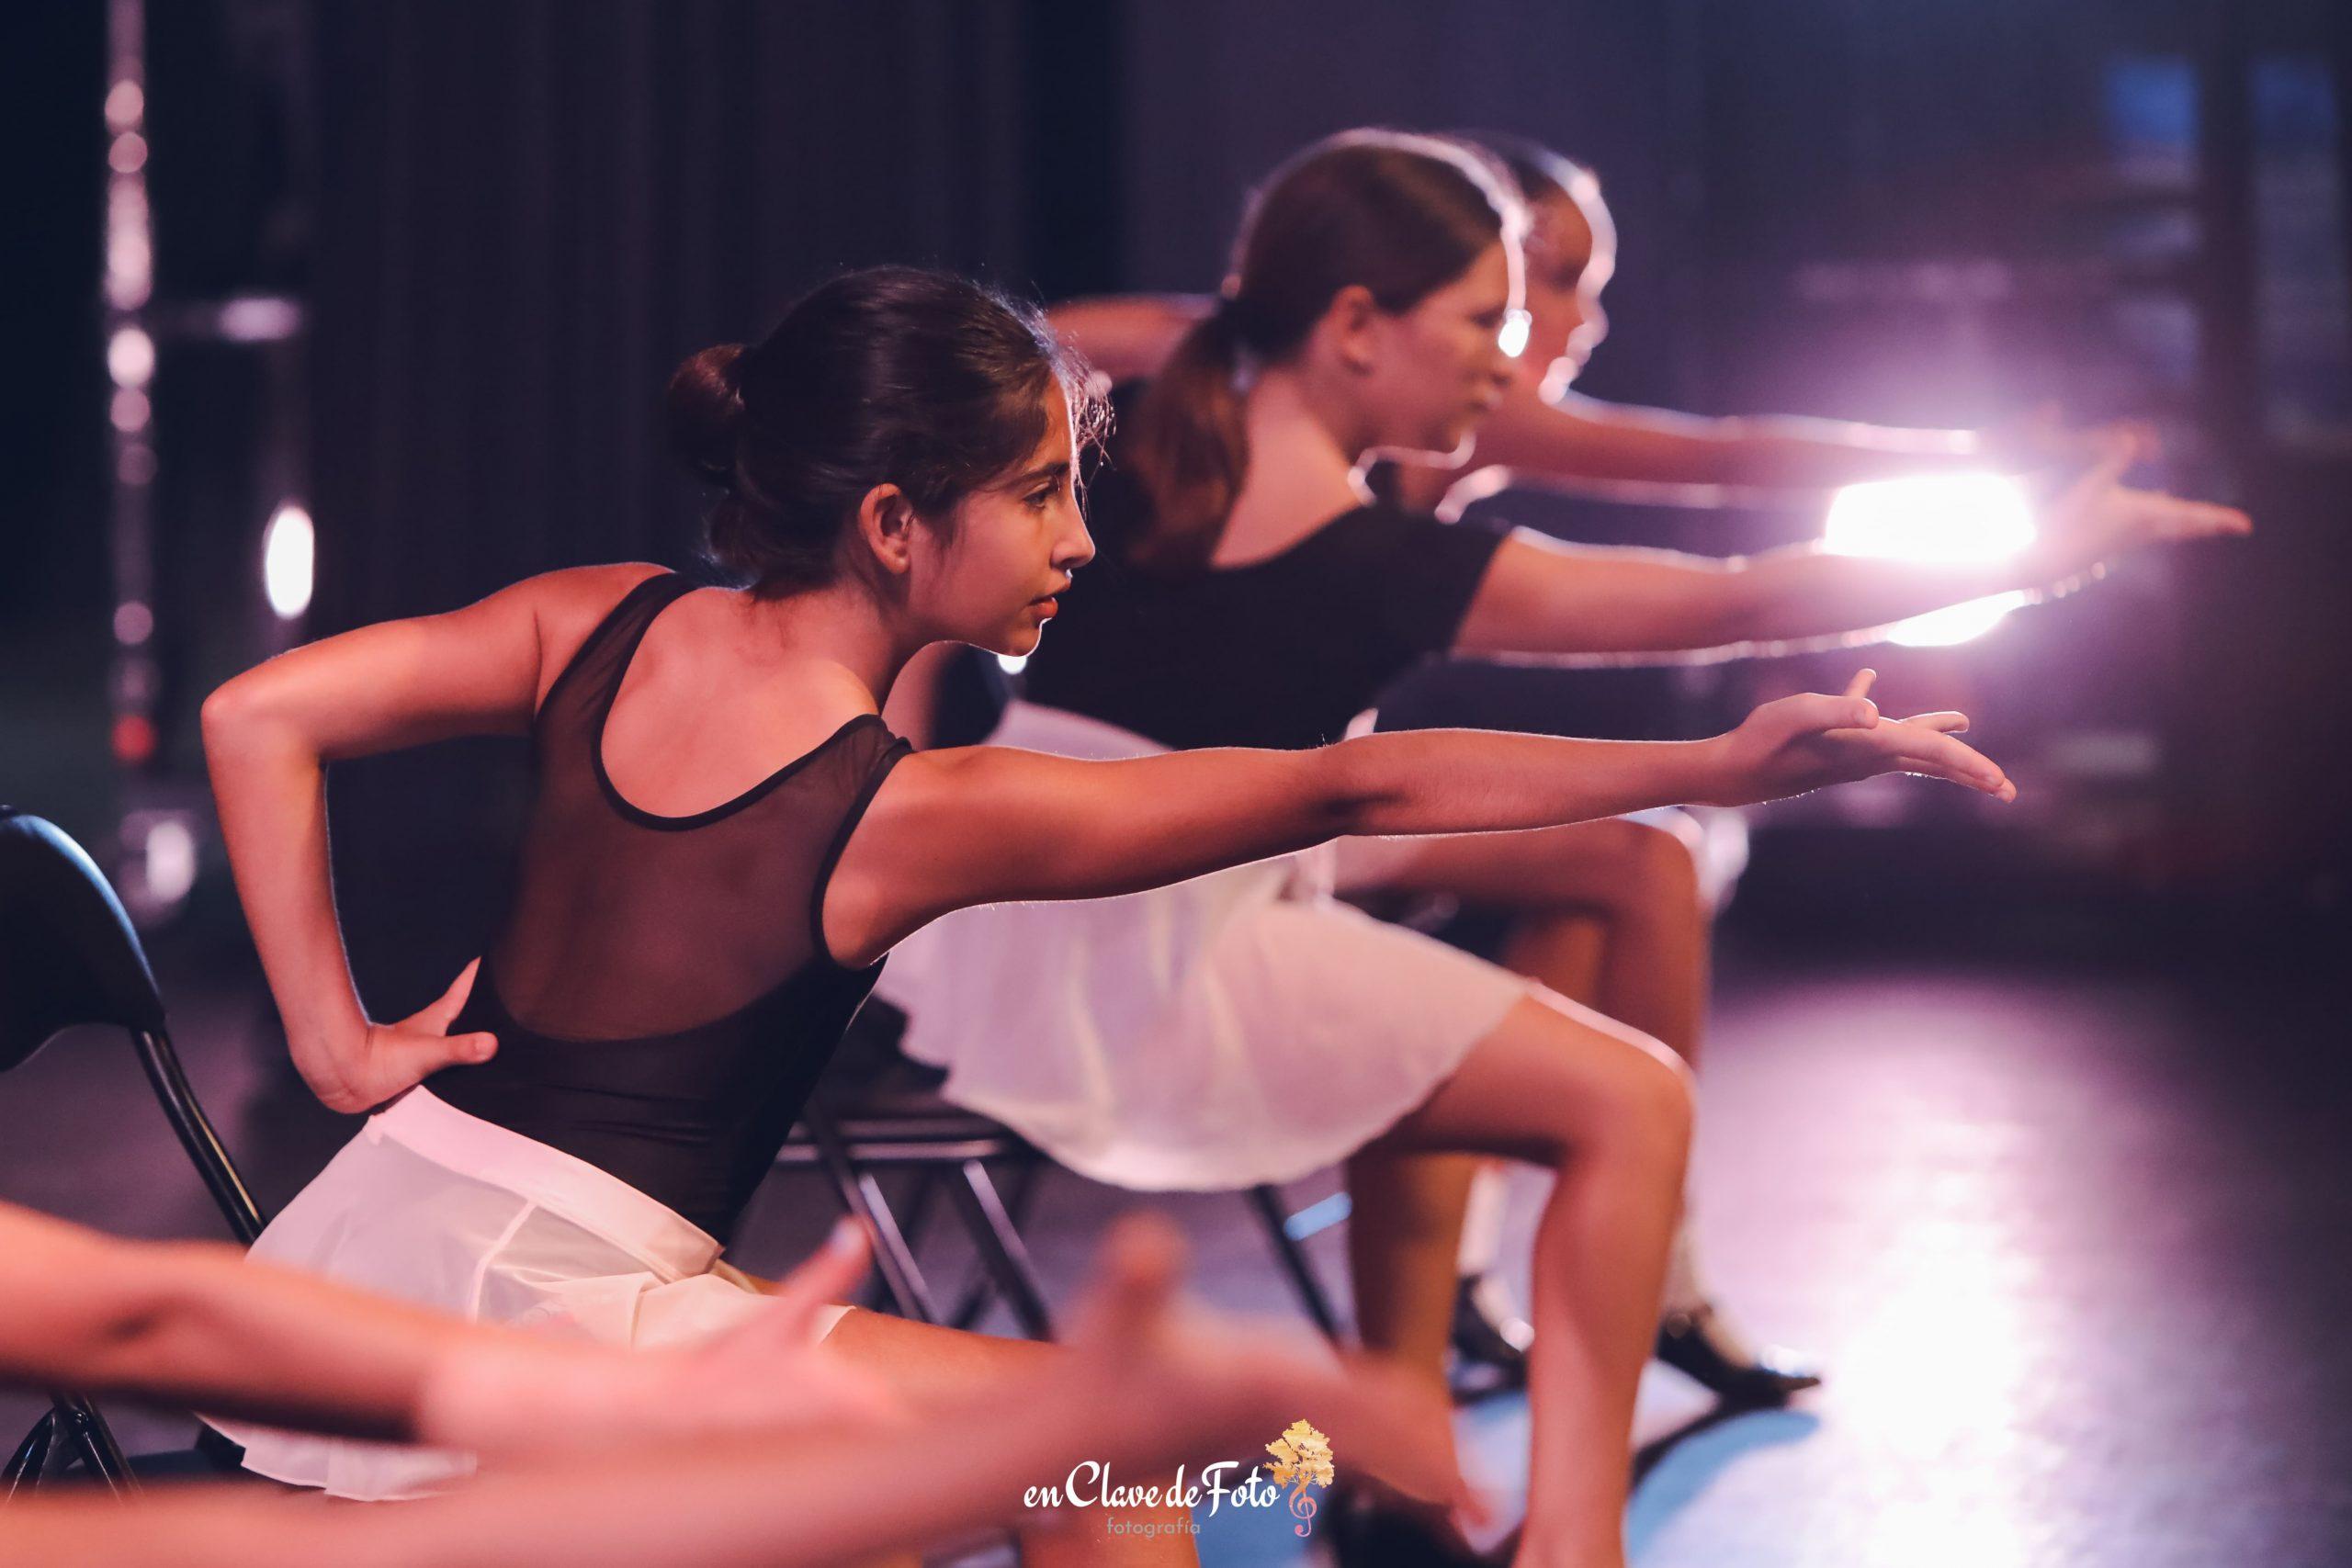 danza concha niñas ballet murcia